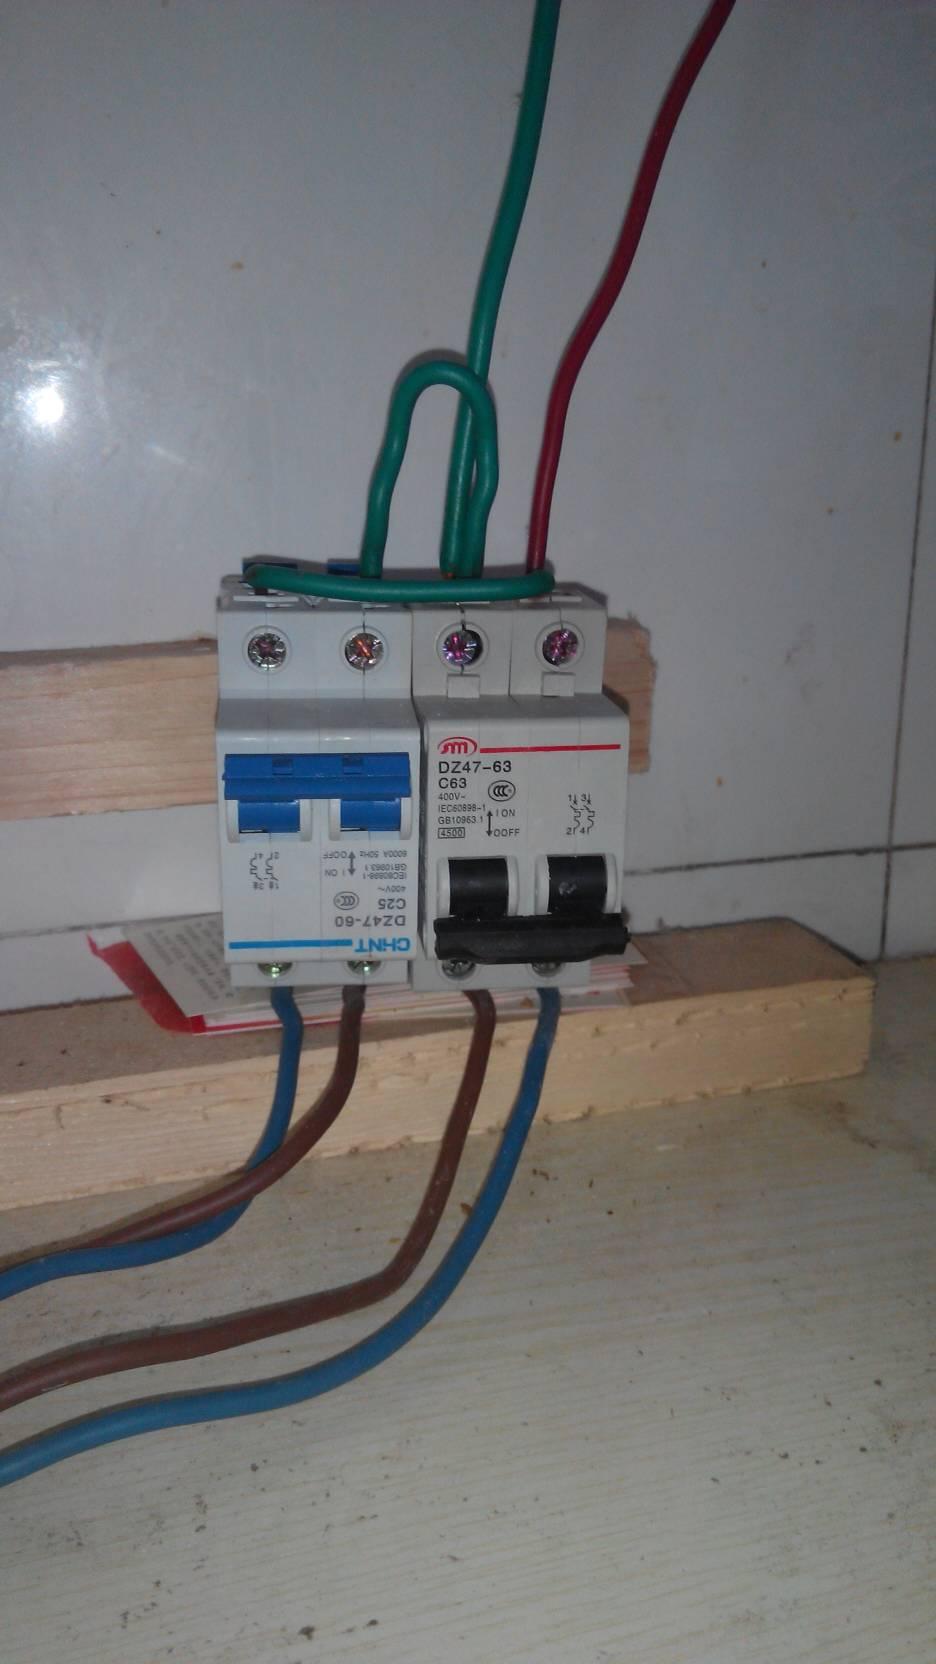 两个4500瓦的电锅结了两个开关并联到一个线上.为什么